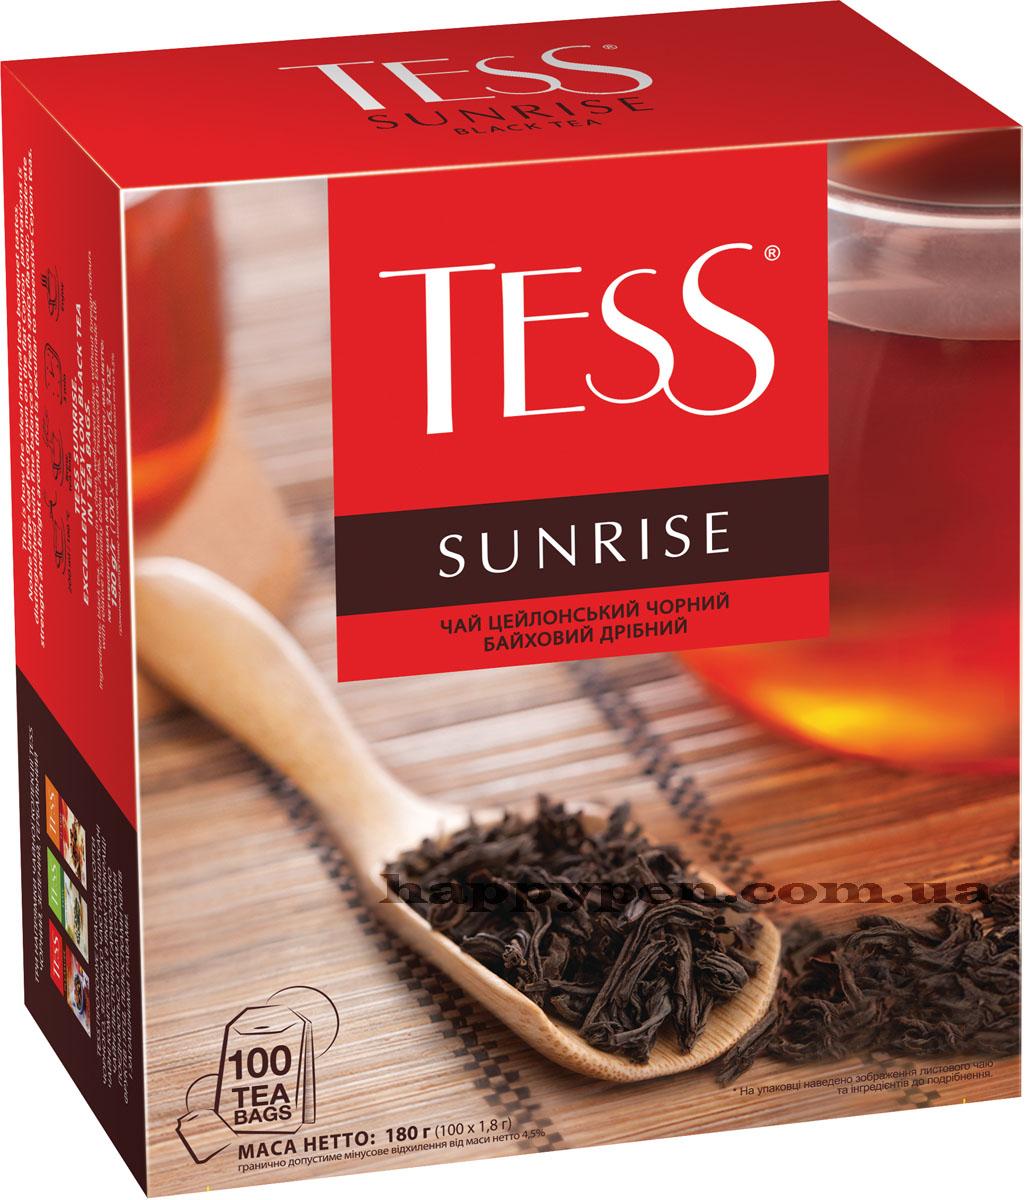 Чай черный классический Sunrise 100пак. по 1,8гр. Tess - фото 2